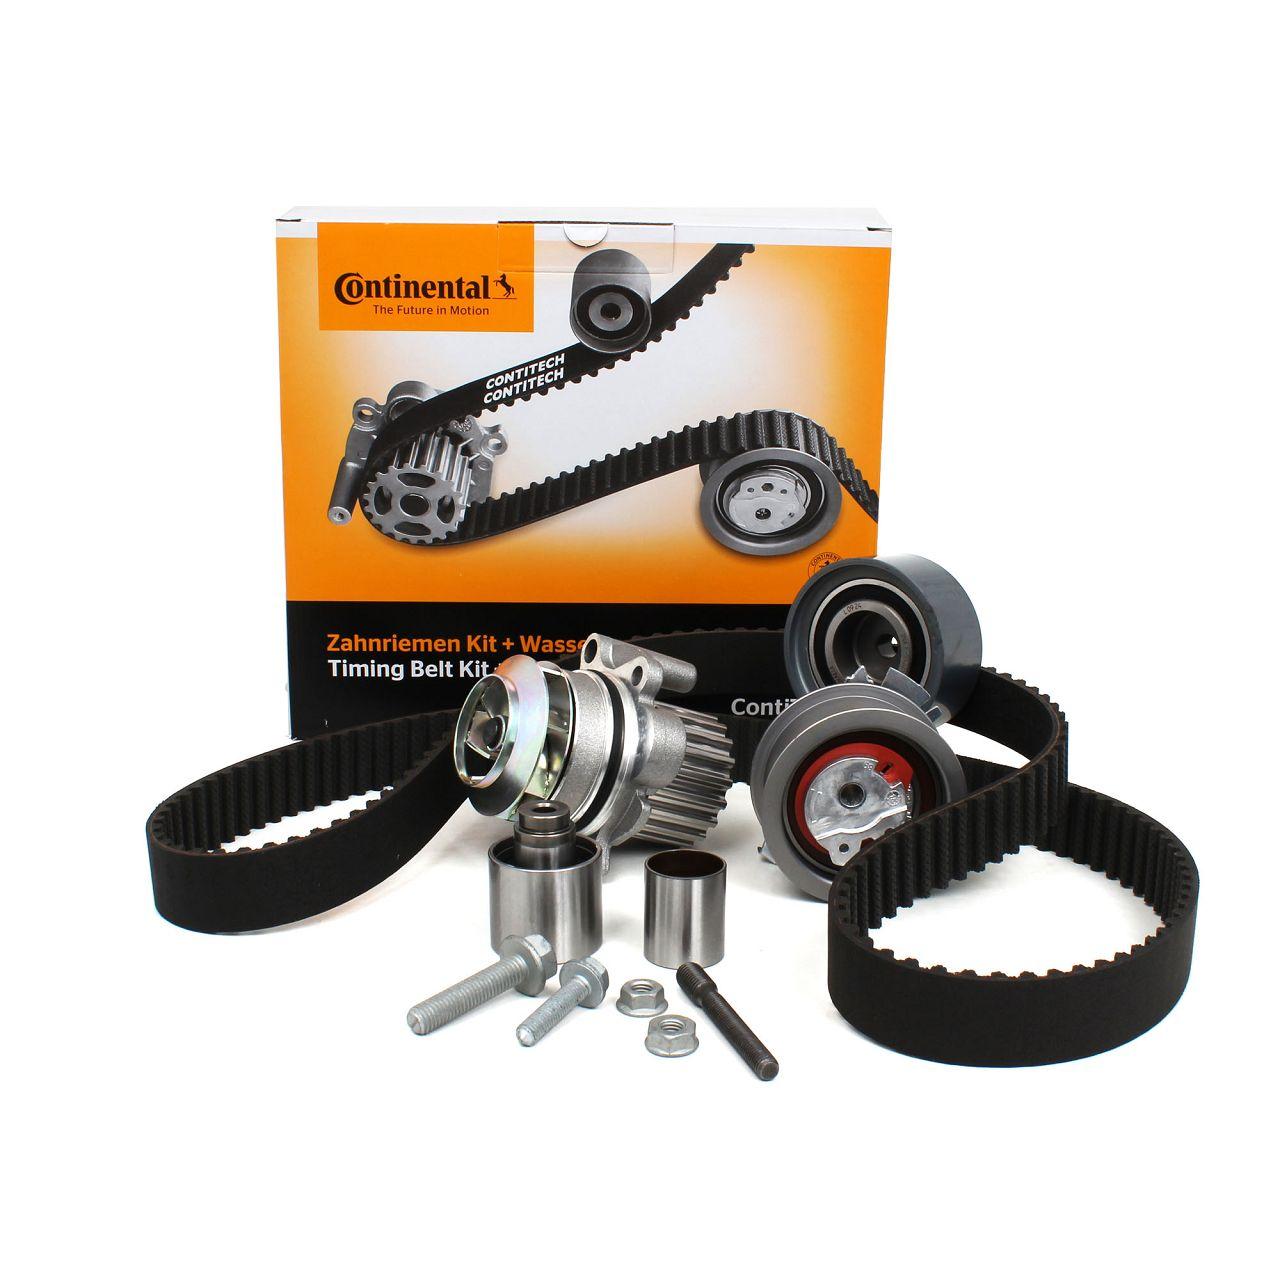 Conti CONTITECH Zahnriemensatz + Wasserpumpe CT1134WP2 für AUDI SEAT VW 2.0 TDI